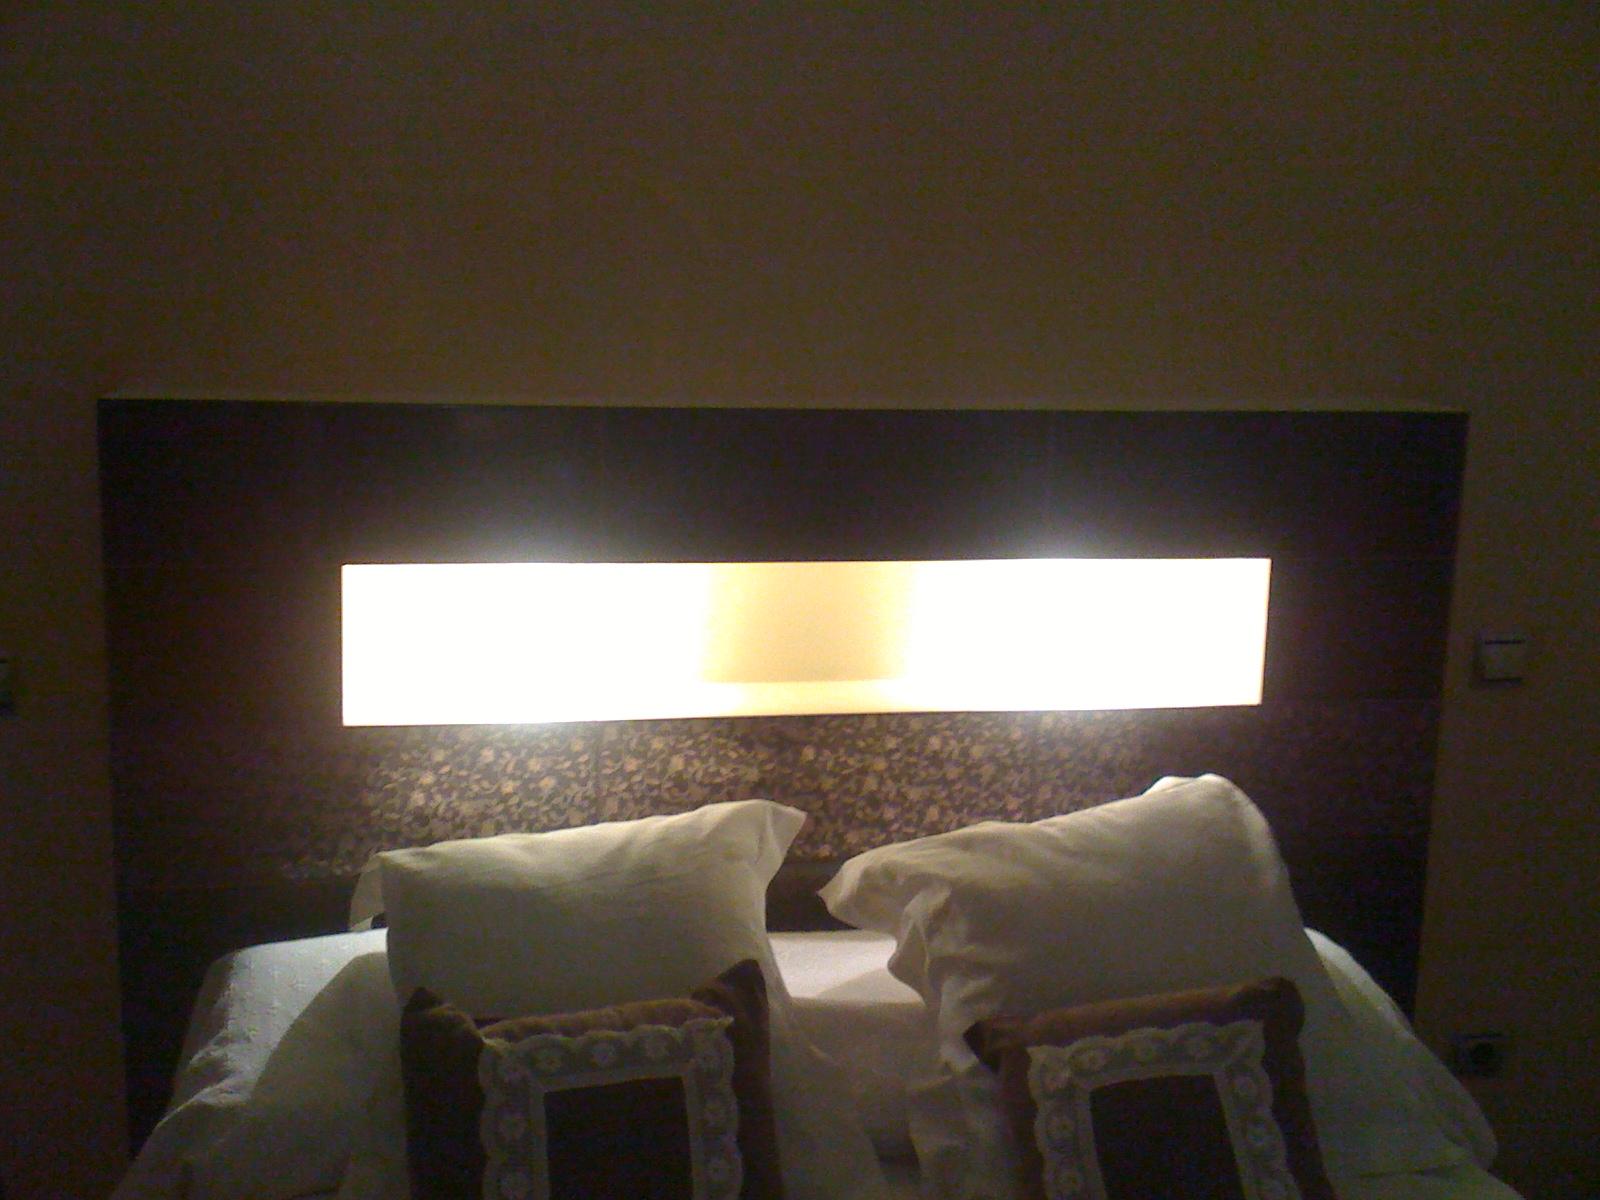 Reformasadomicilio com cabecero cama de obra - Cojin para cabecero de cama ...